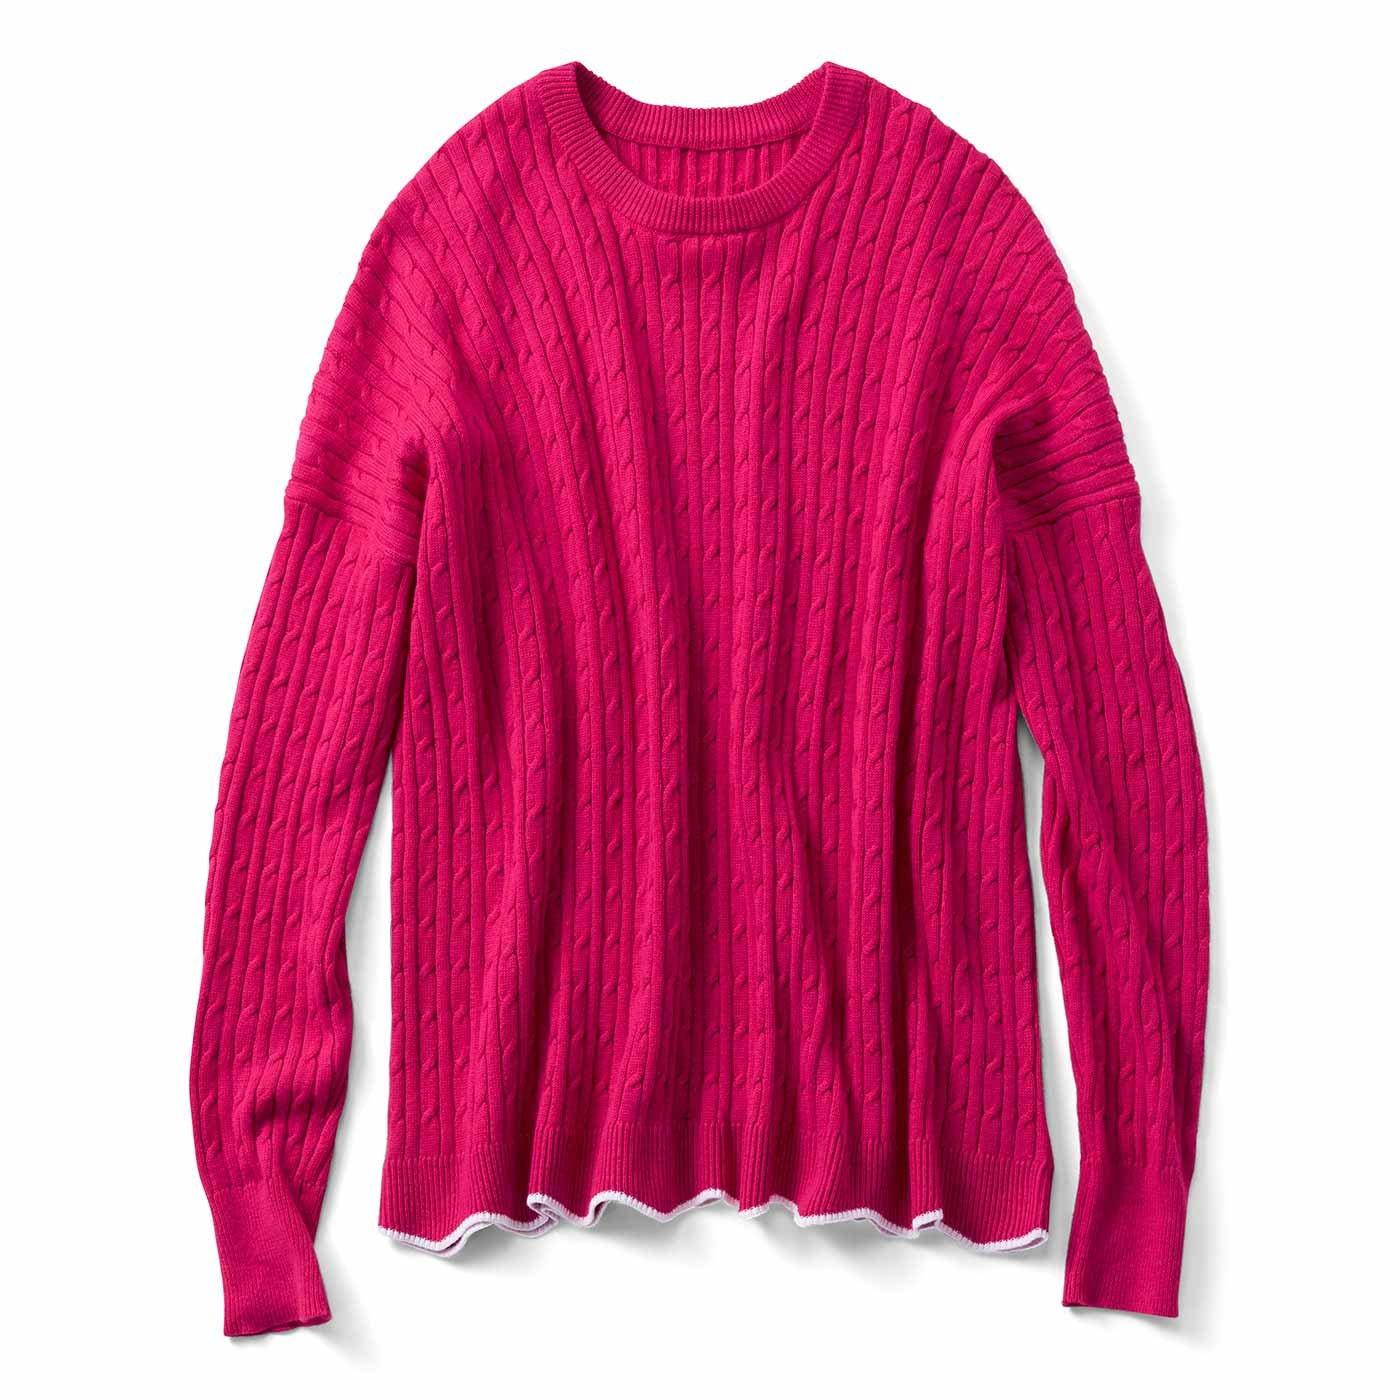 リブ イン コンフォート ゆったりラインで着こなしやすい 総柄ケーブル編みシルク混ニット〈ピンク〉